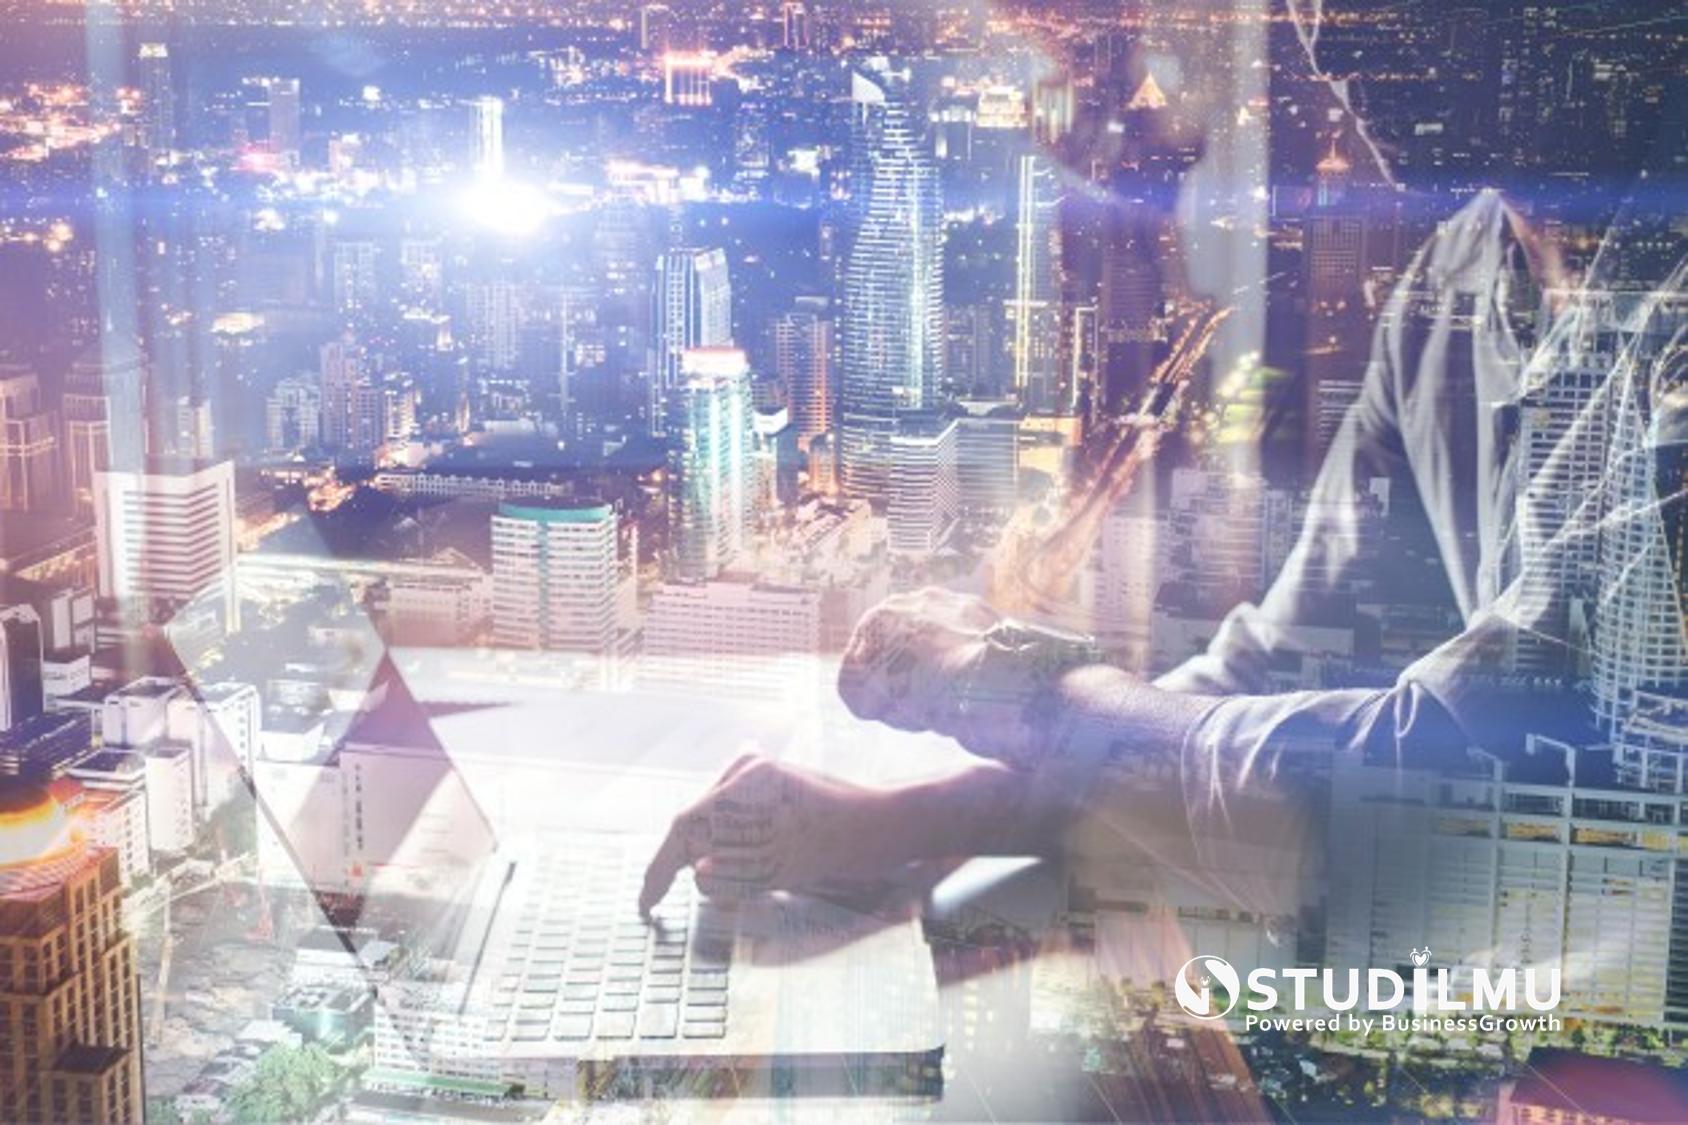 STUDILMU Career Advice - Cara Meningkatkan Penjualan melalui Bisnis Online